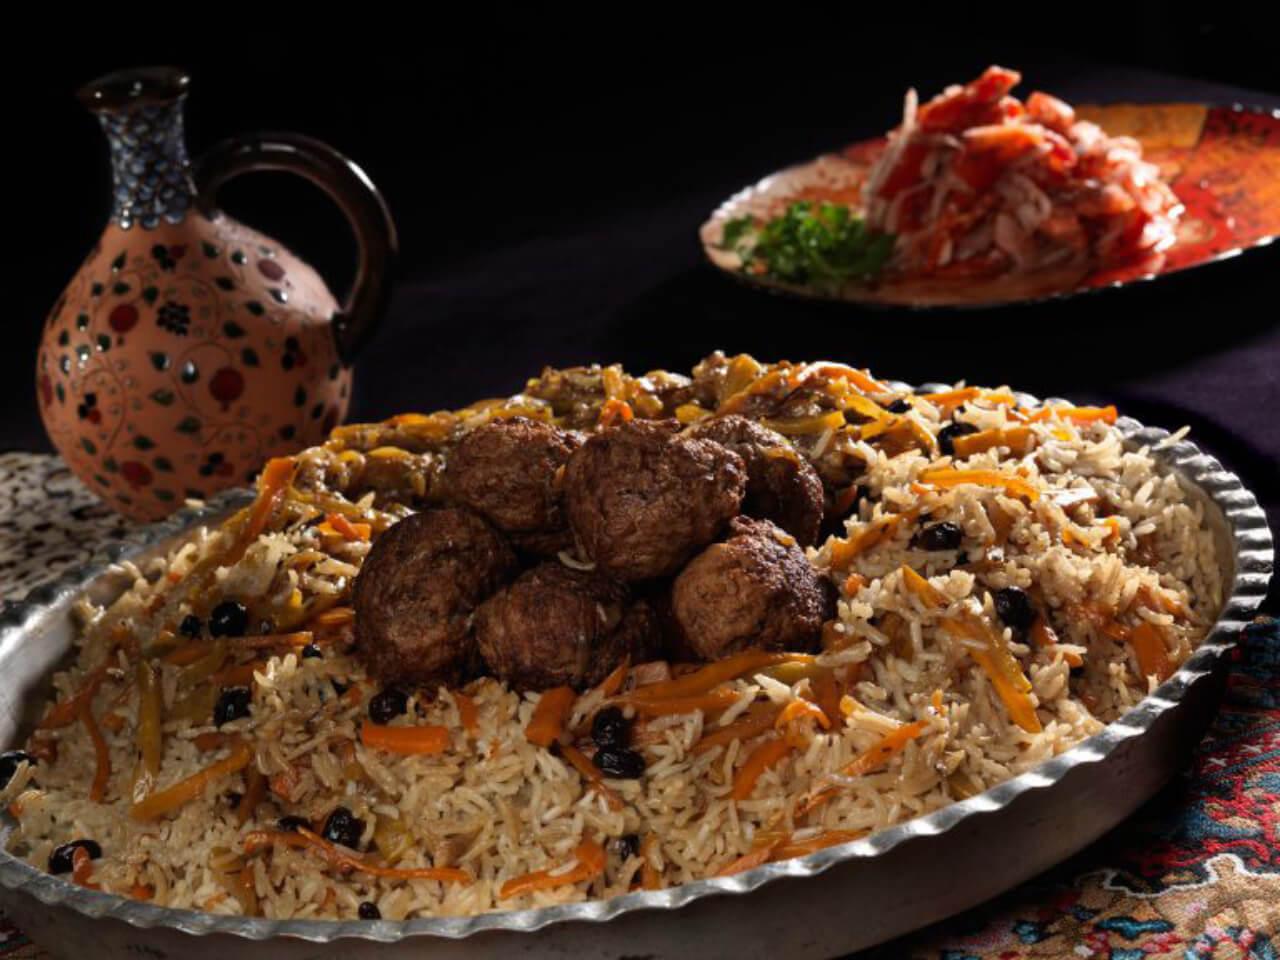 تصویری از پلو (نوعی غذا در کشور آذربایجان)